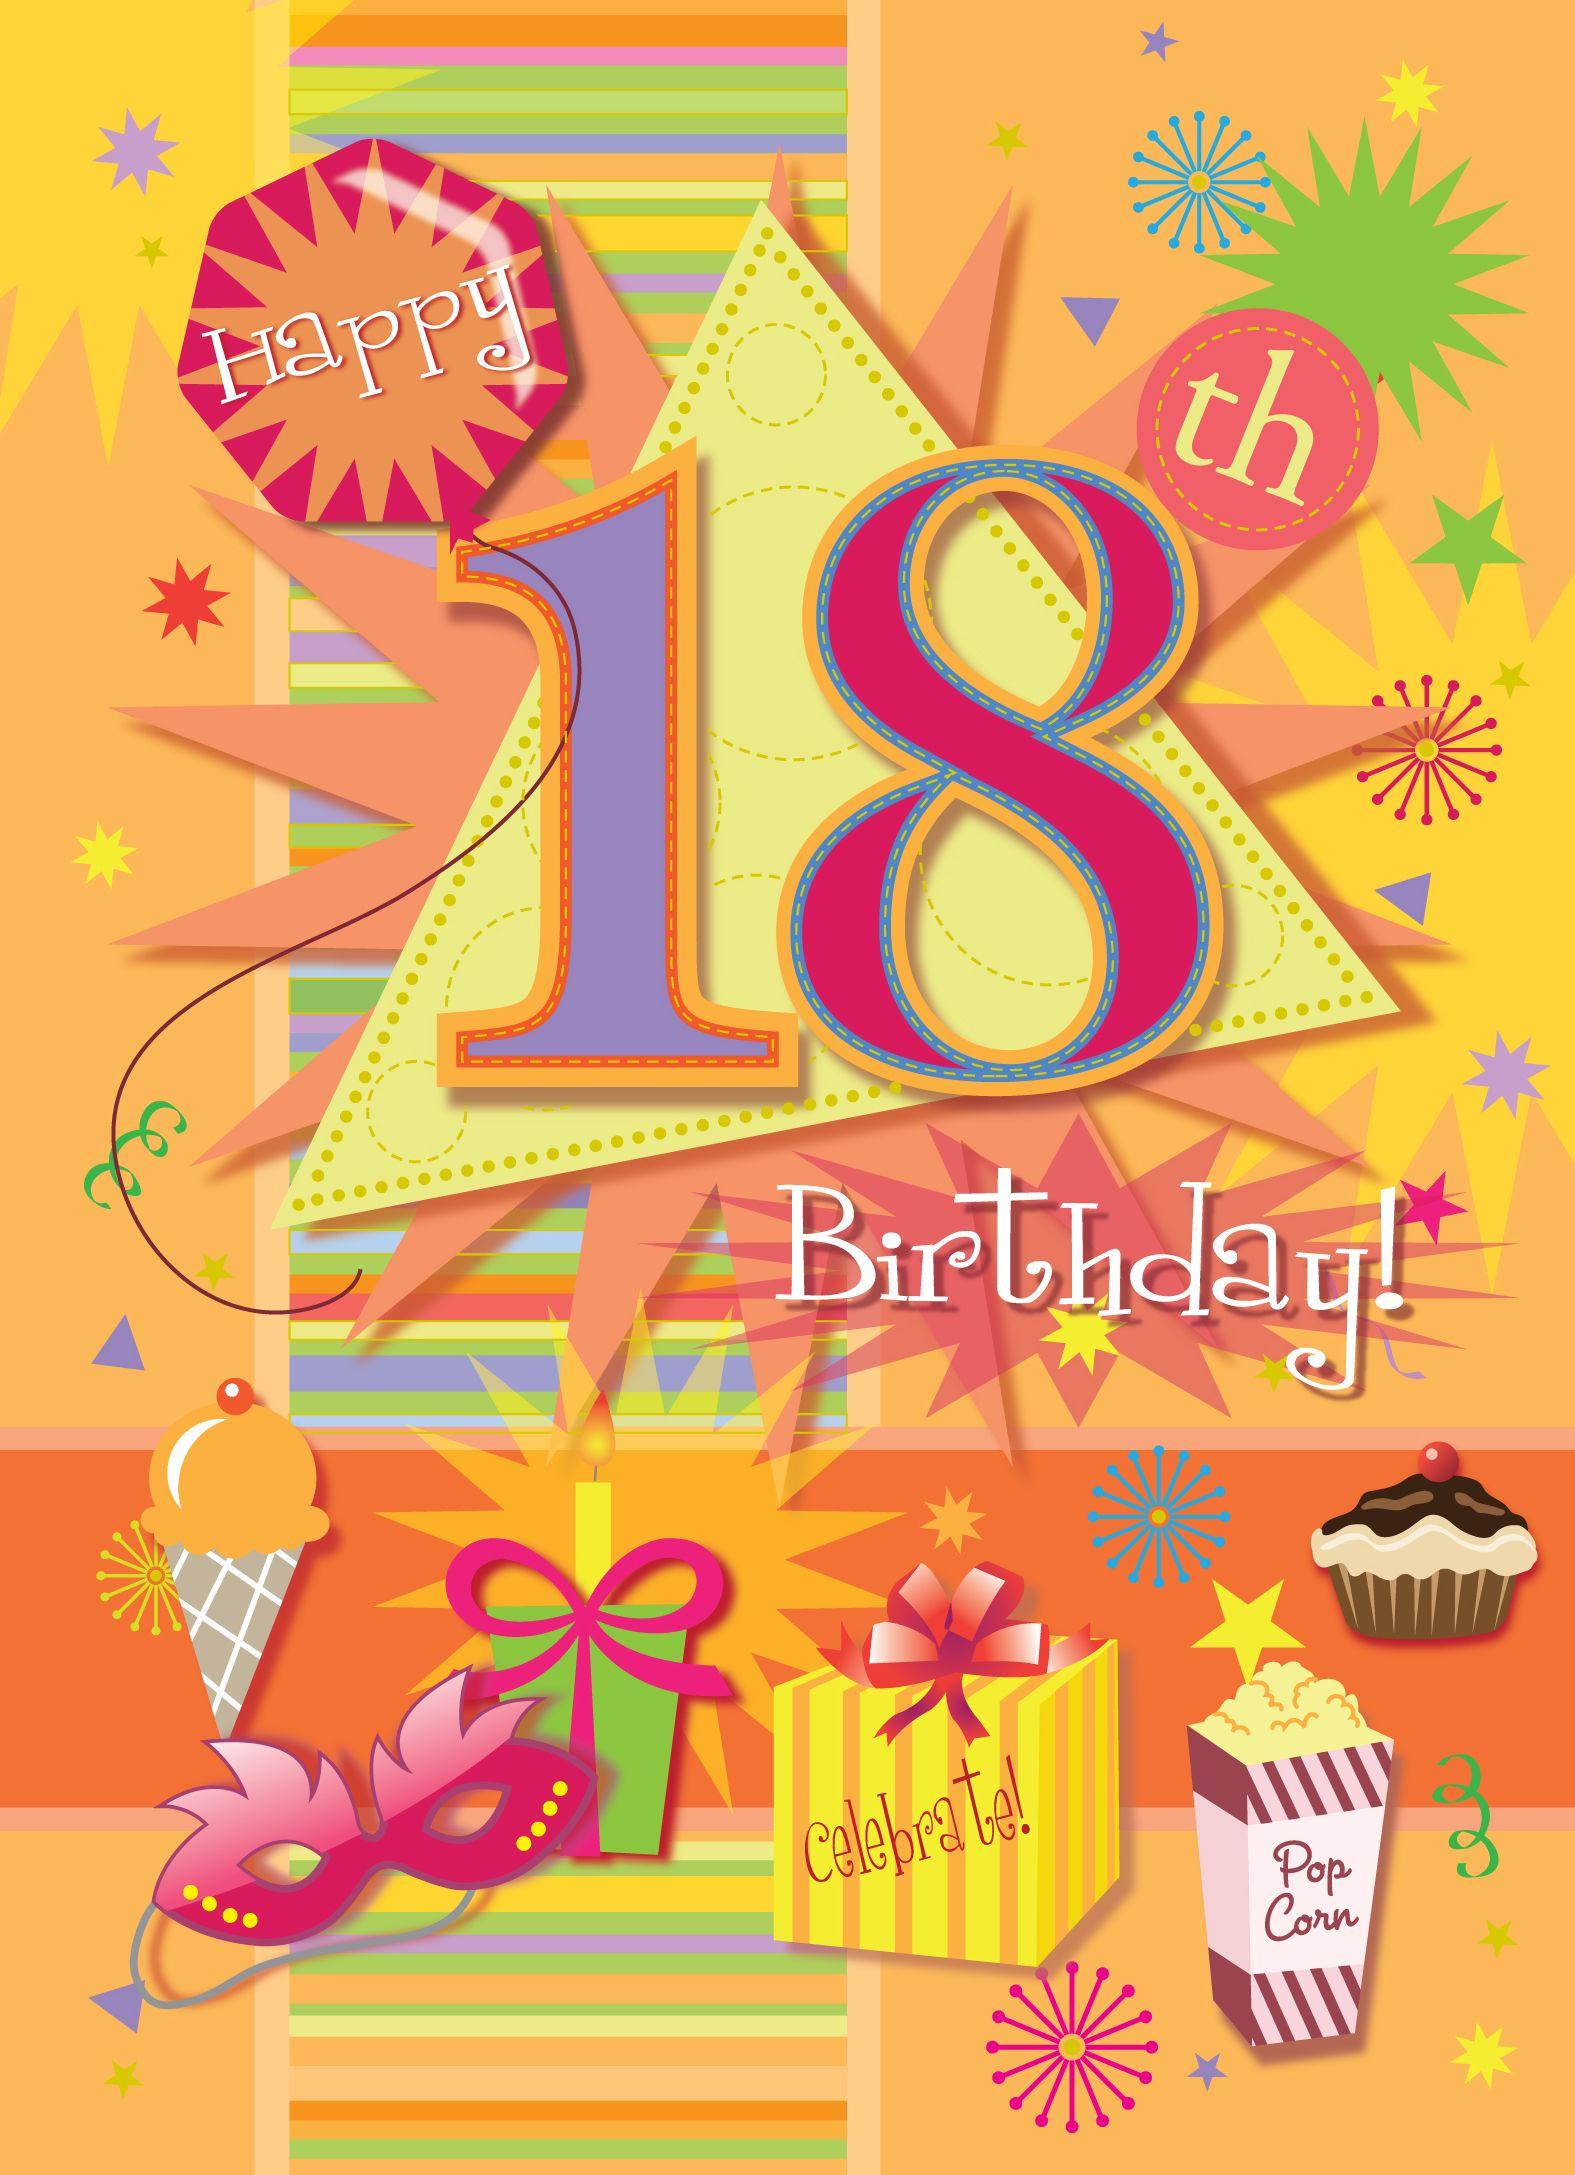 Happy 18th birthday. #18thBirthdayIdeas #BirthdayCards.